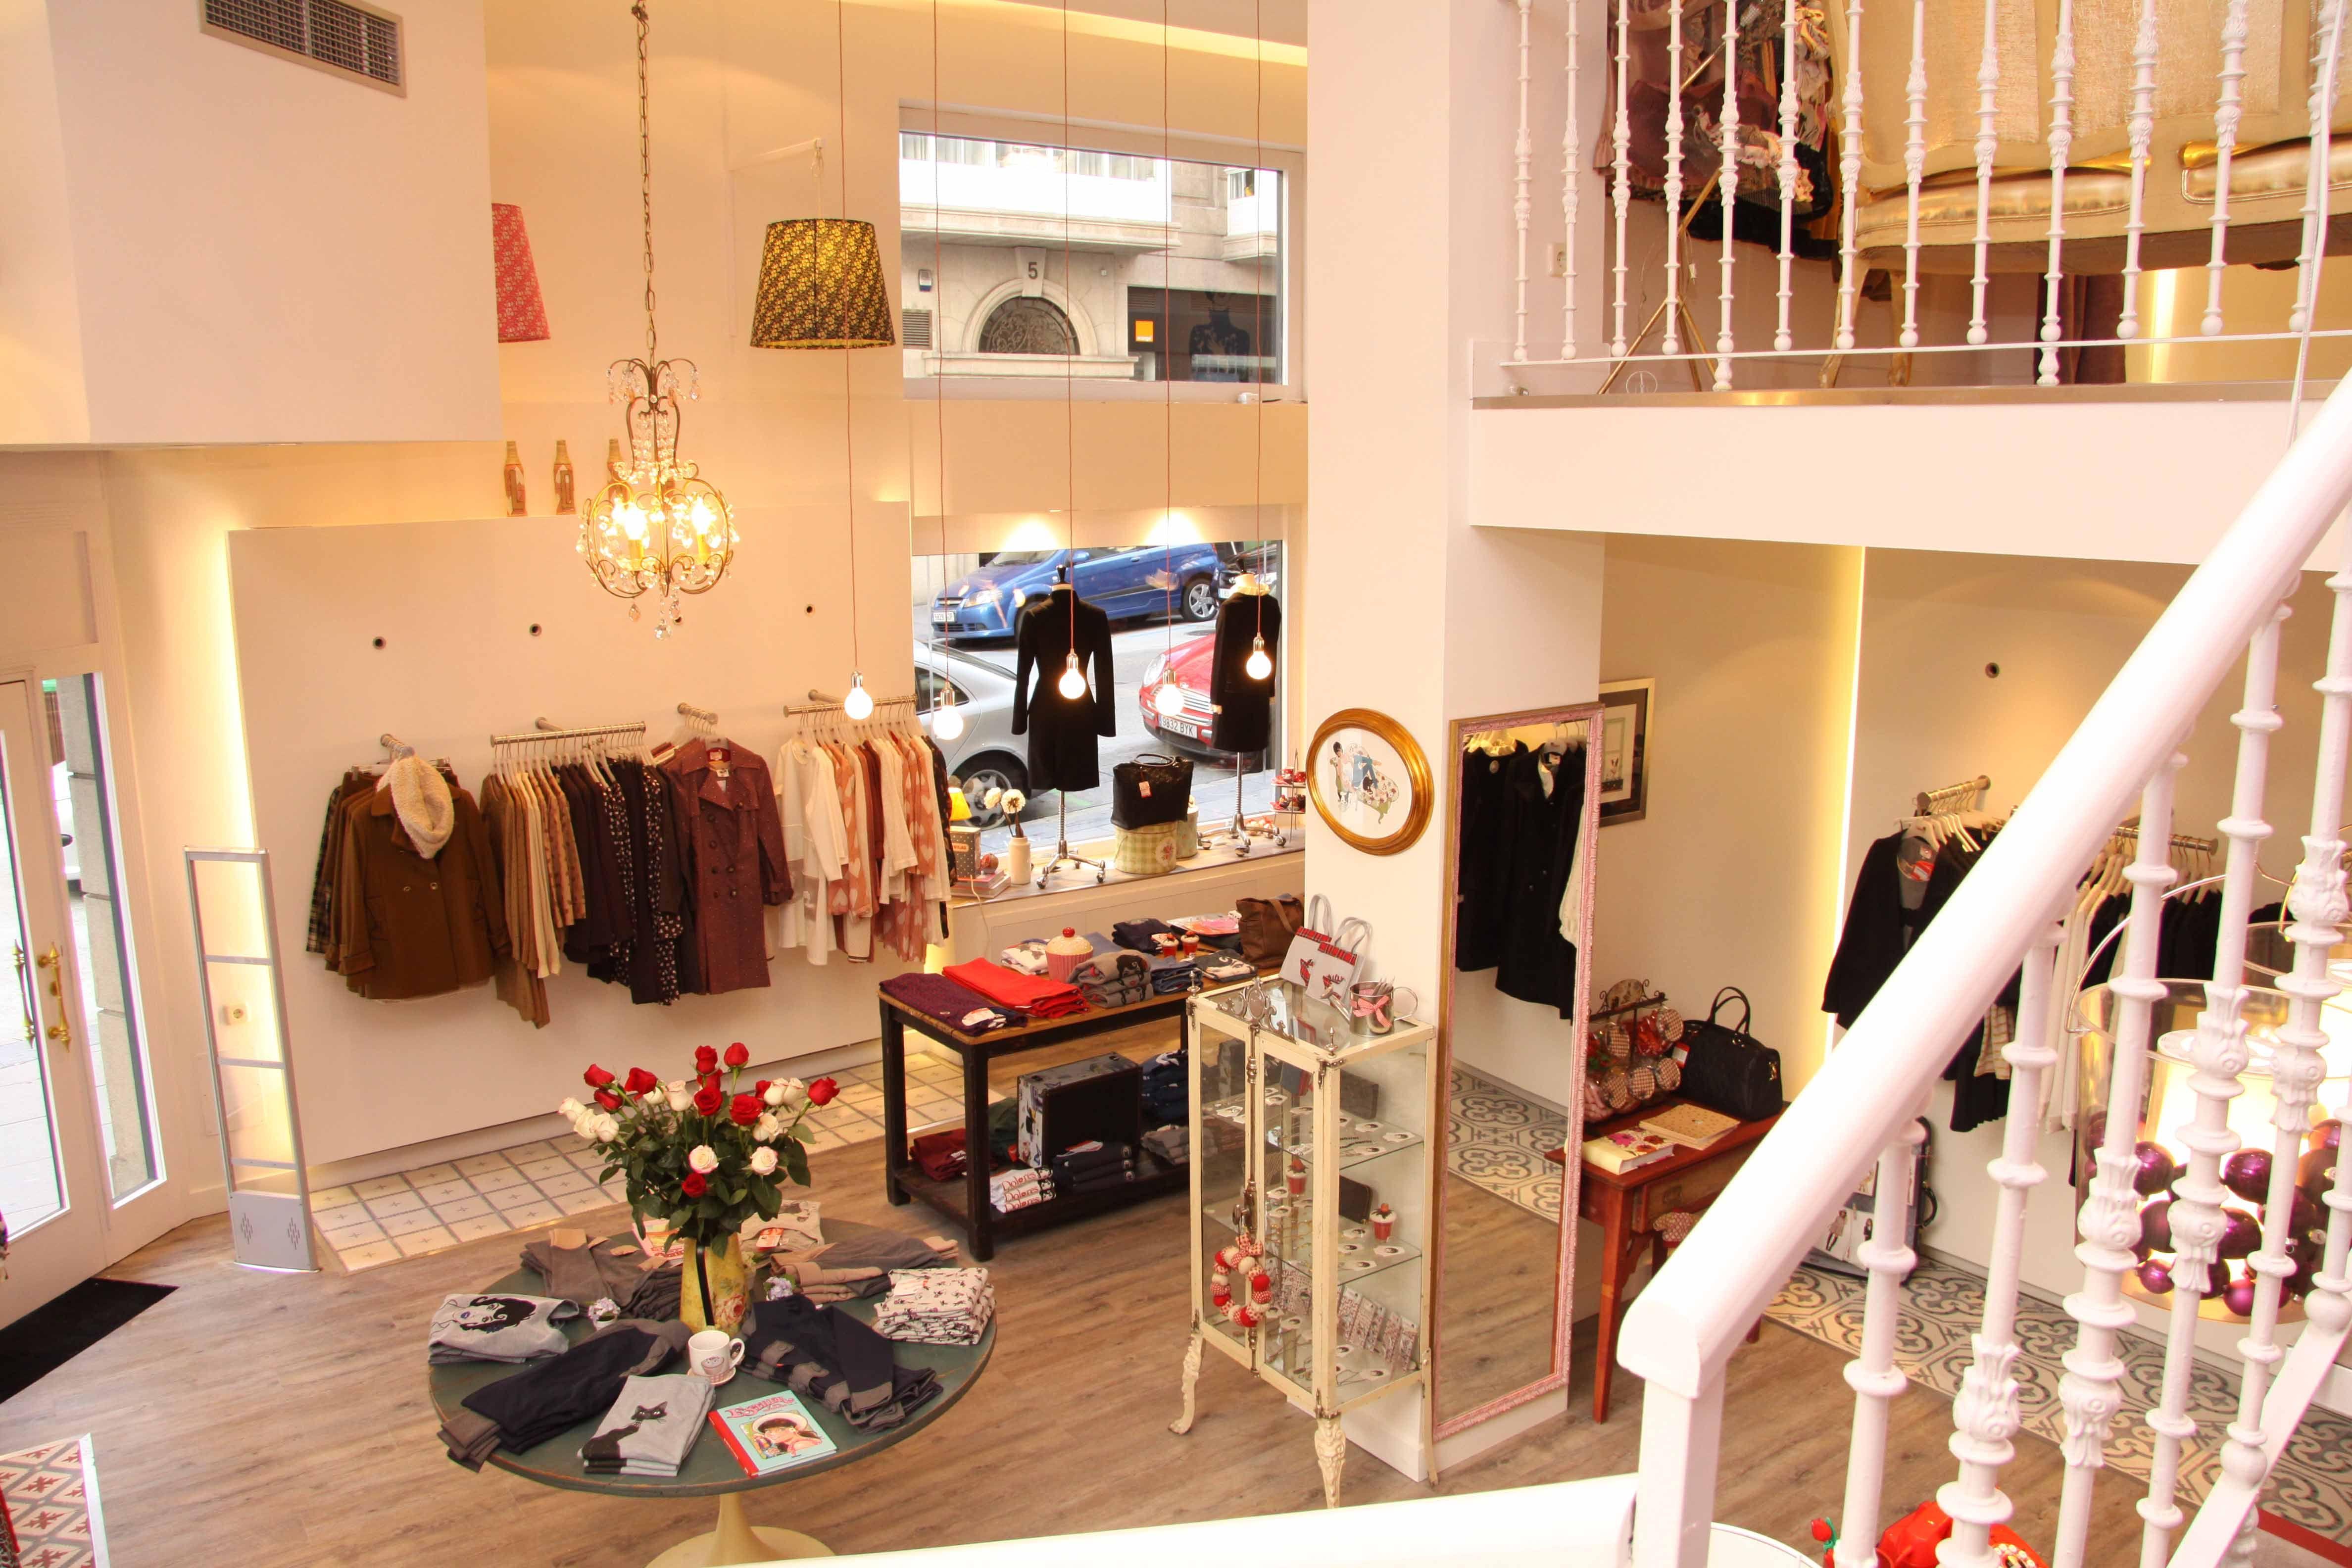 tienda vintage decoracion - Buscar con Google | atelier | Pinterest ...